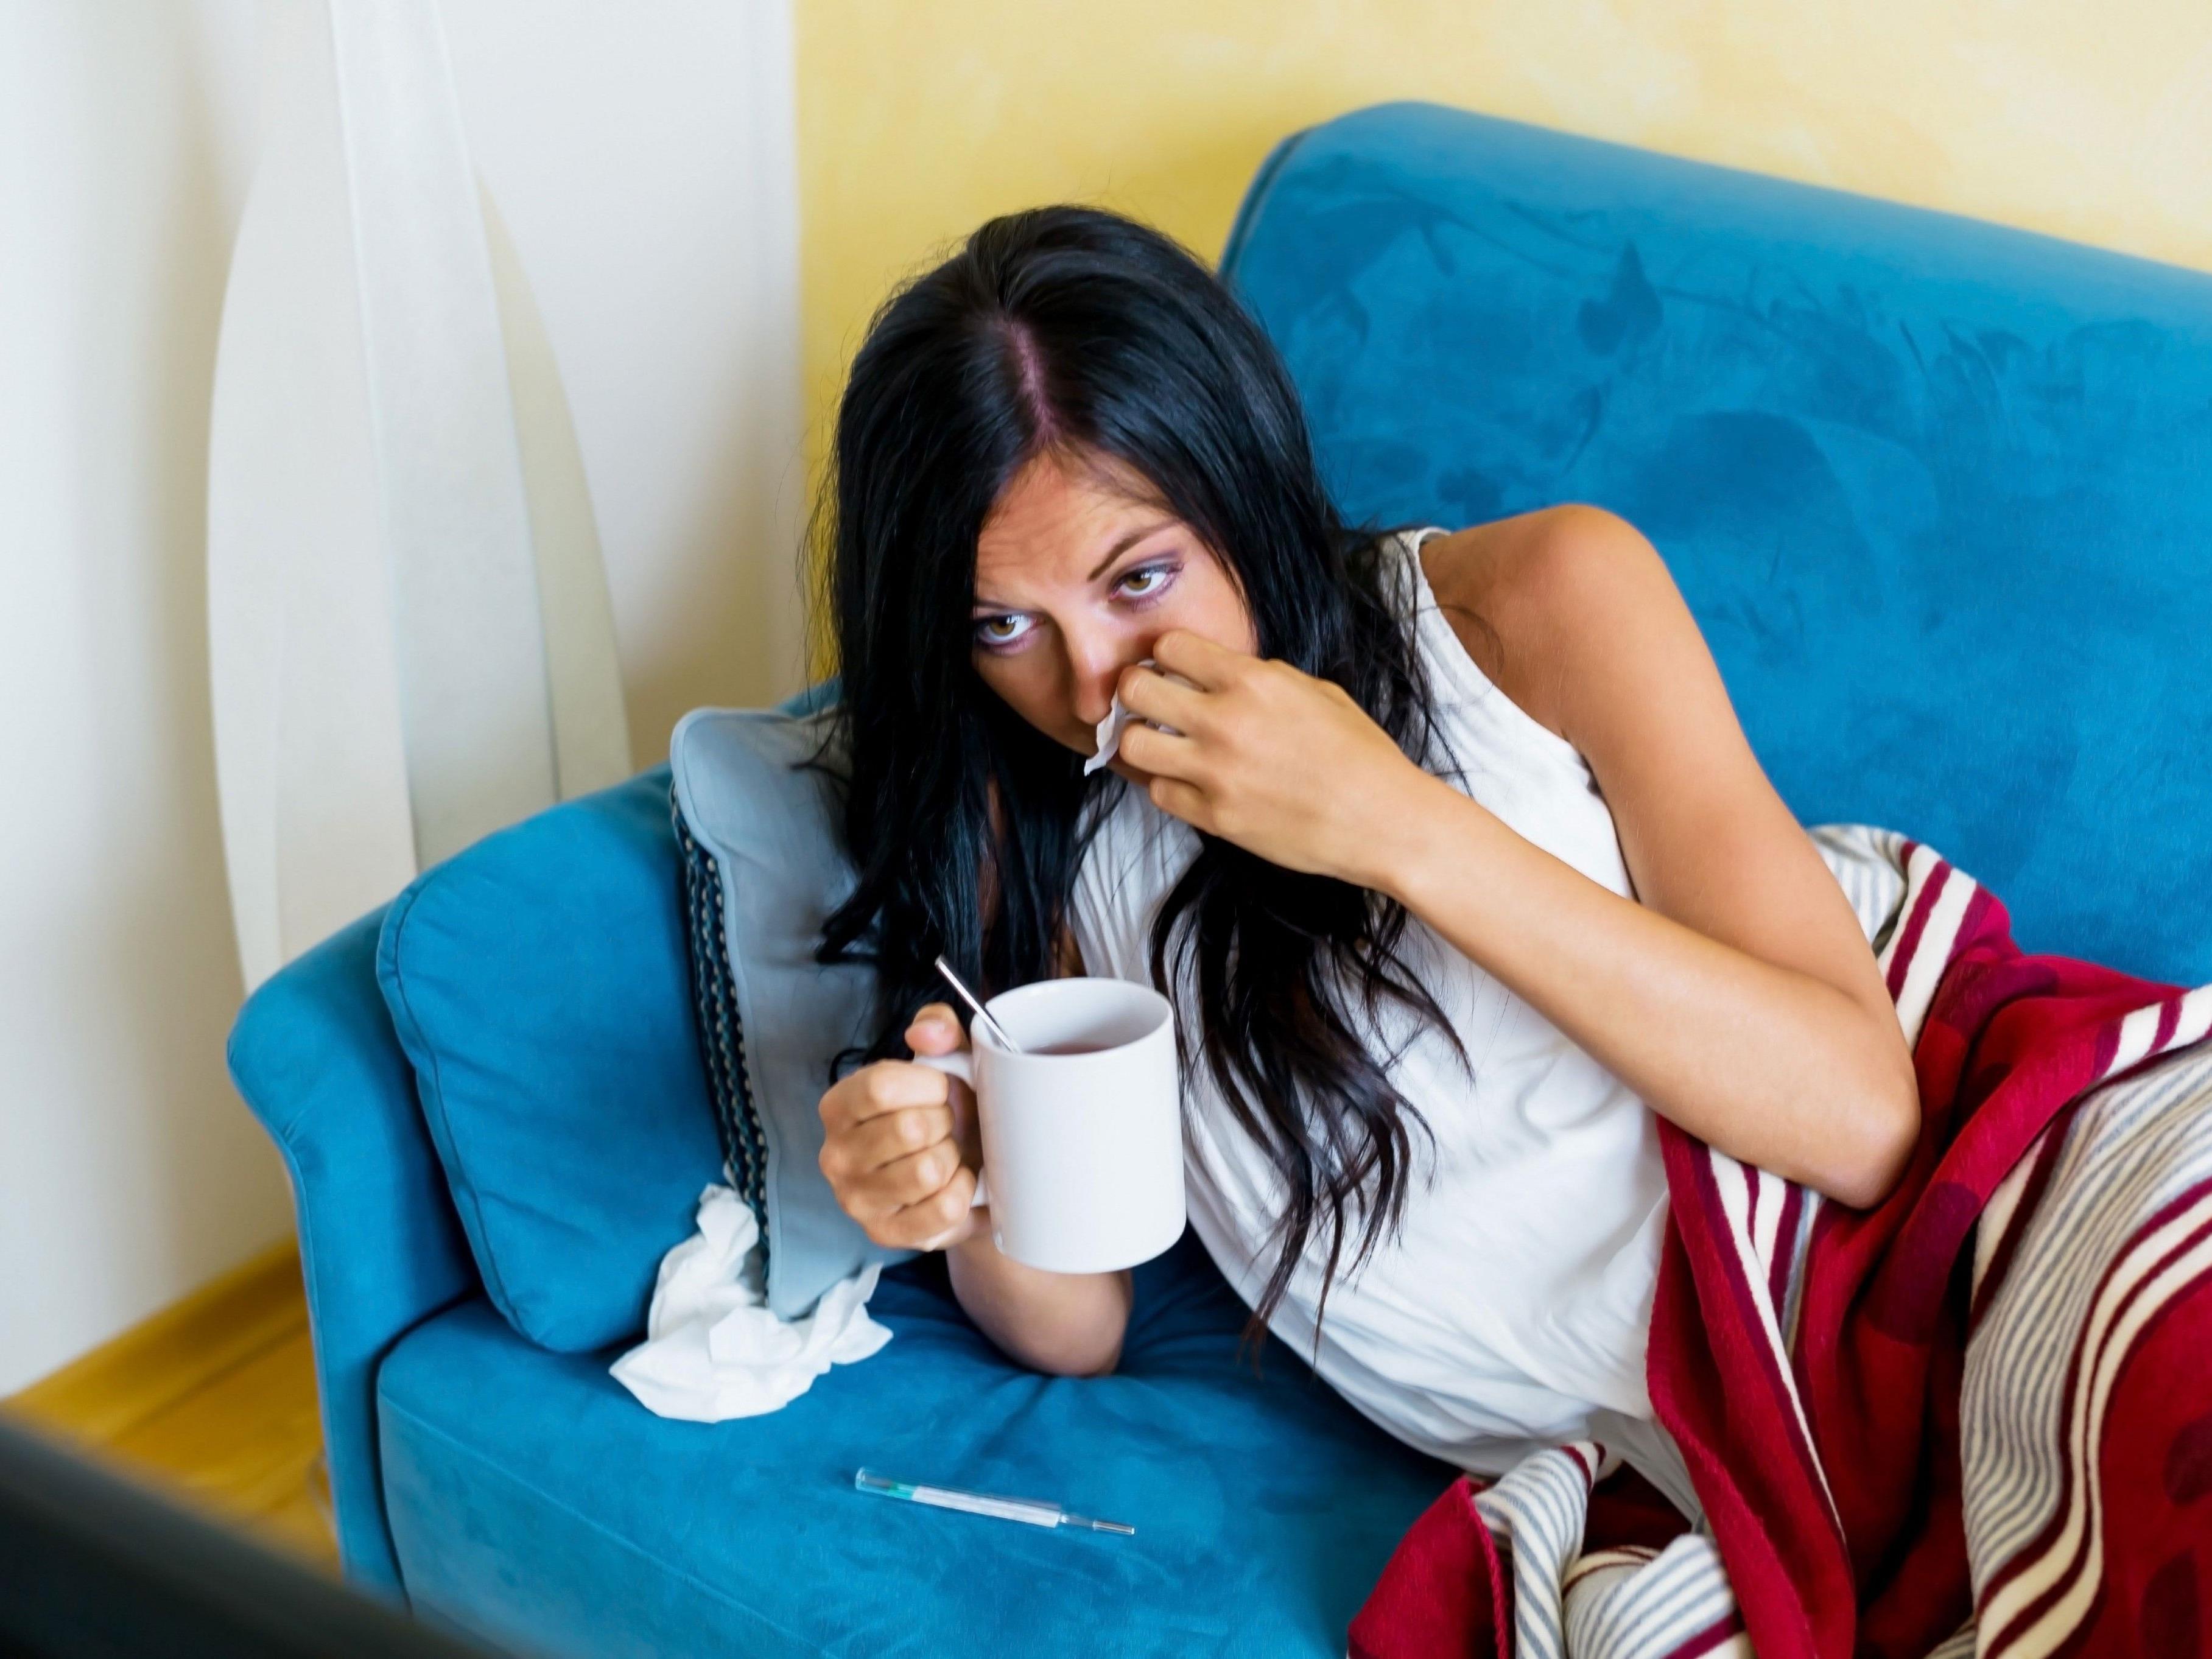 Krankenstände können kontrolliert werden - doch wie läuft es ab, wenn man zuhause Kontrollbesuch bekommt?